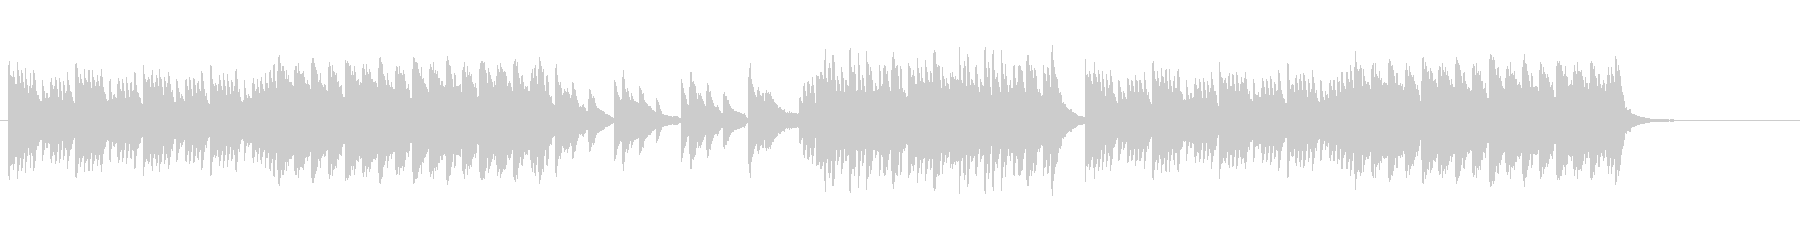 美しく爽やかなバラード曲の未再生の波形